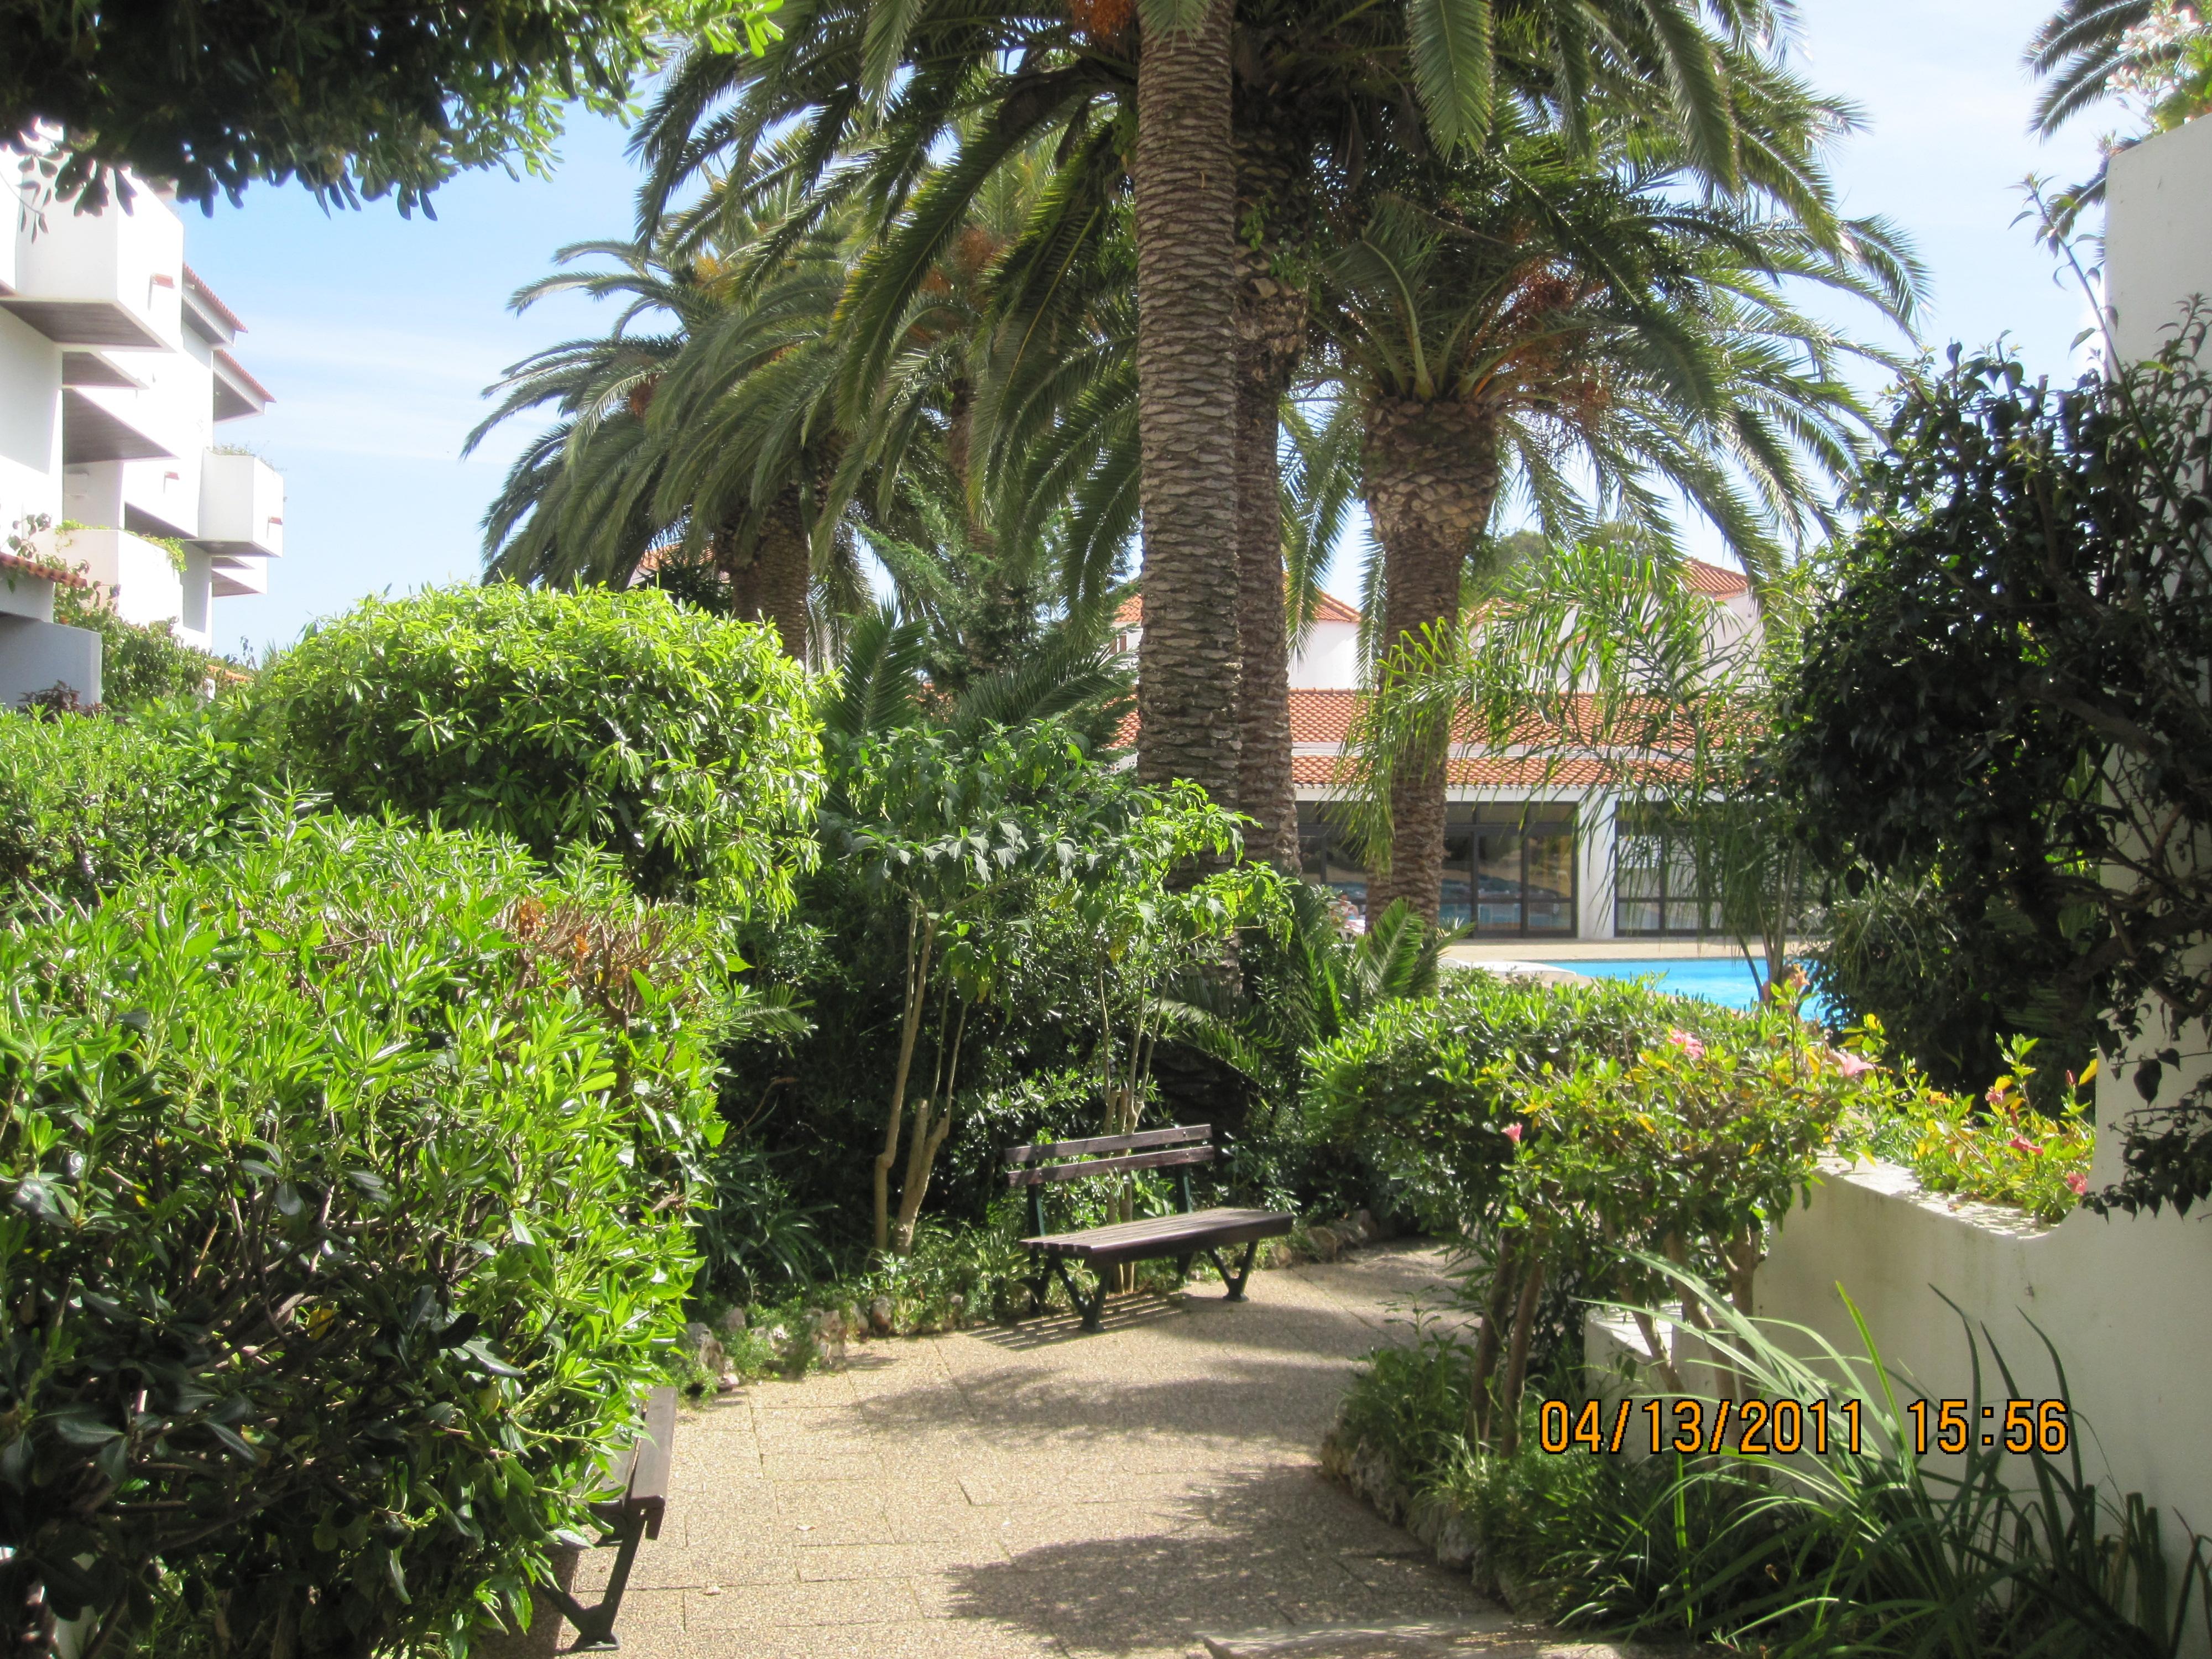 garden-view-solar-sao-joao-cdata